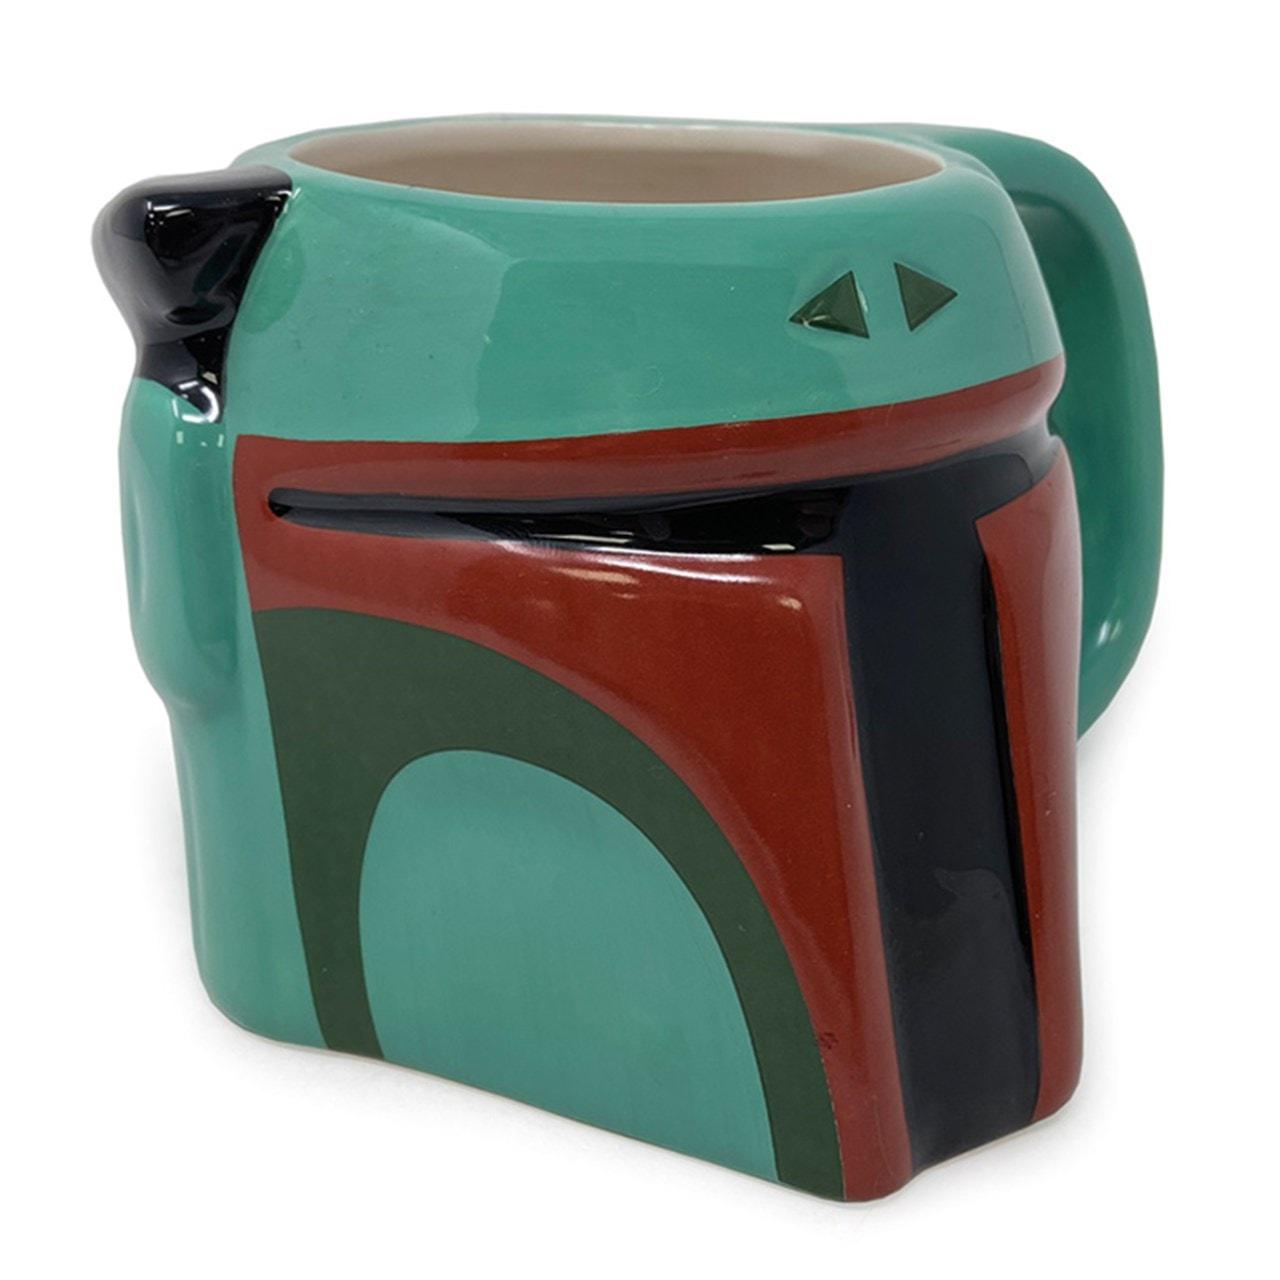 Boba Fett: Star Wars Shaped Mug - 2